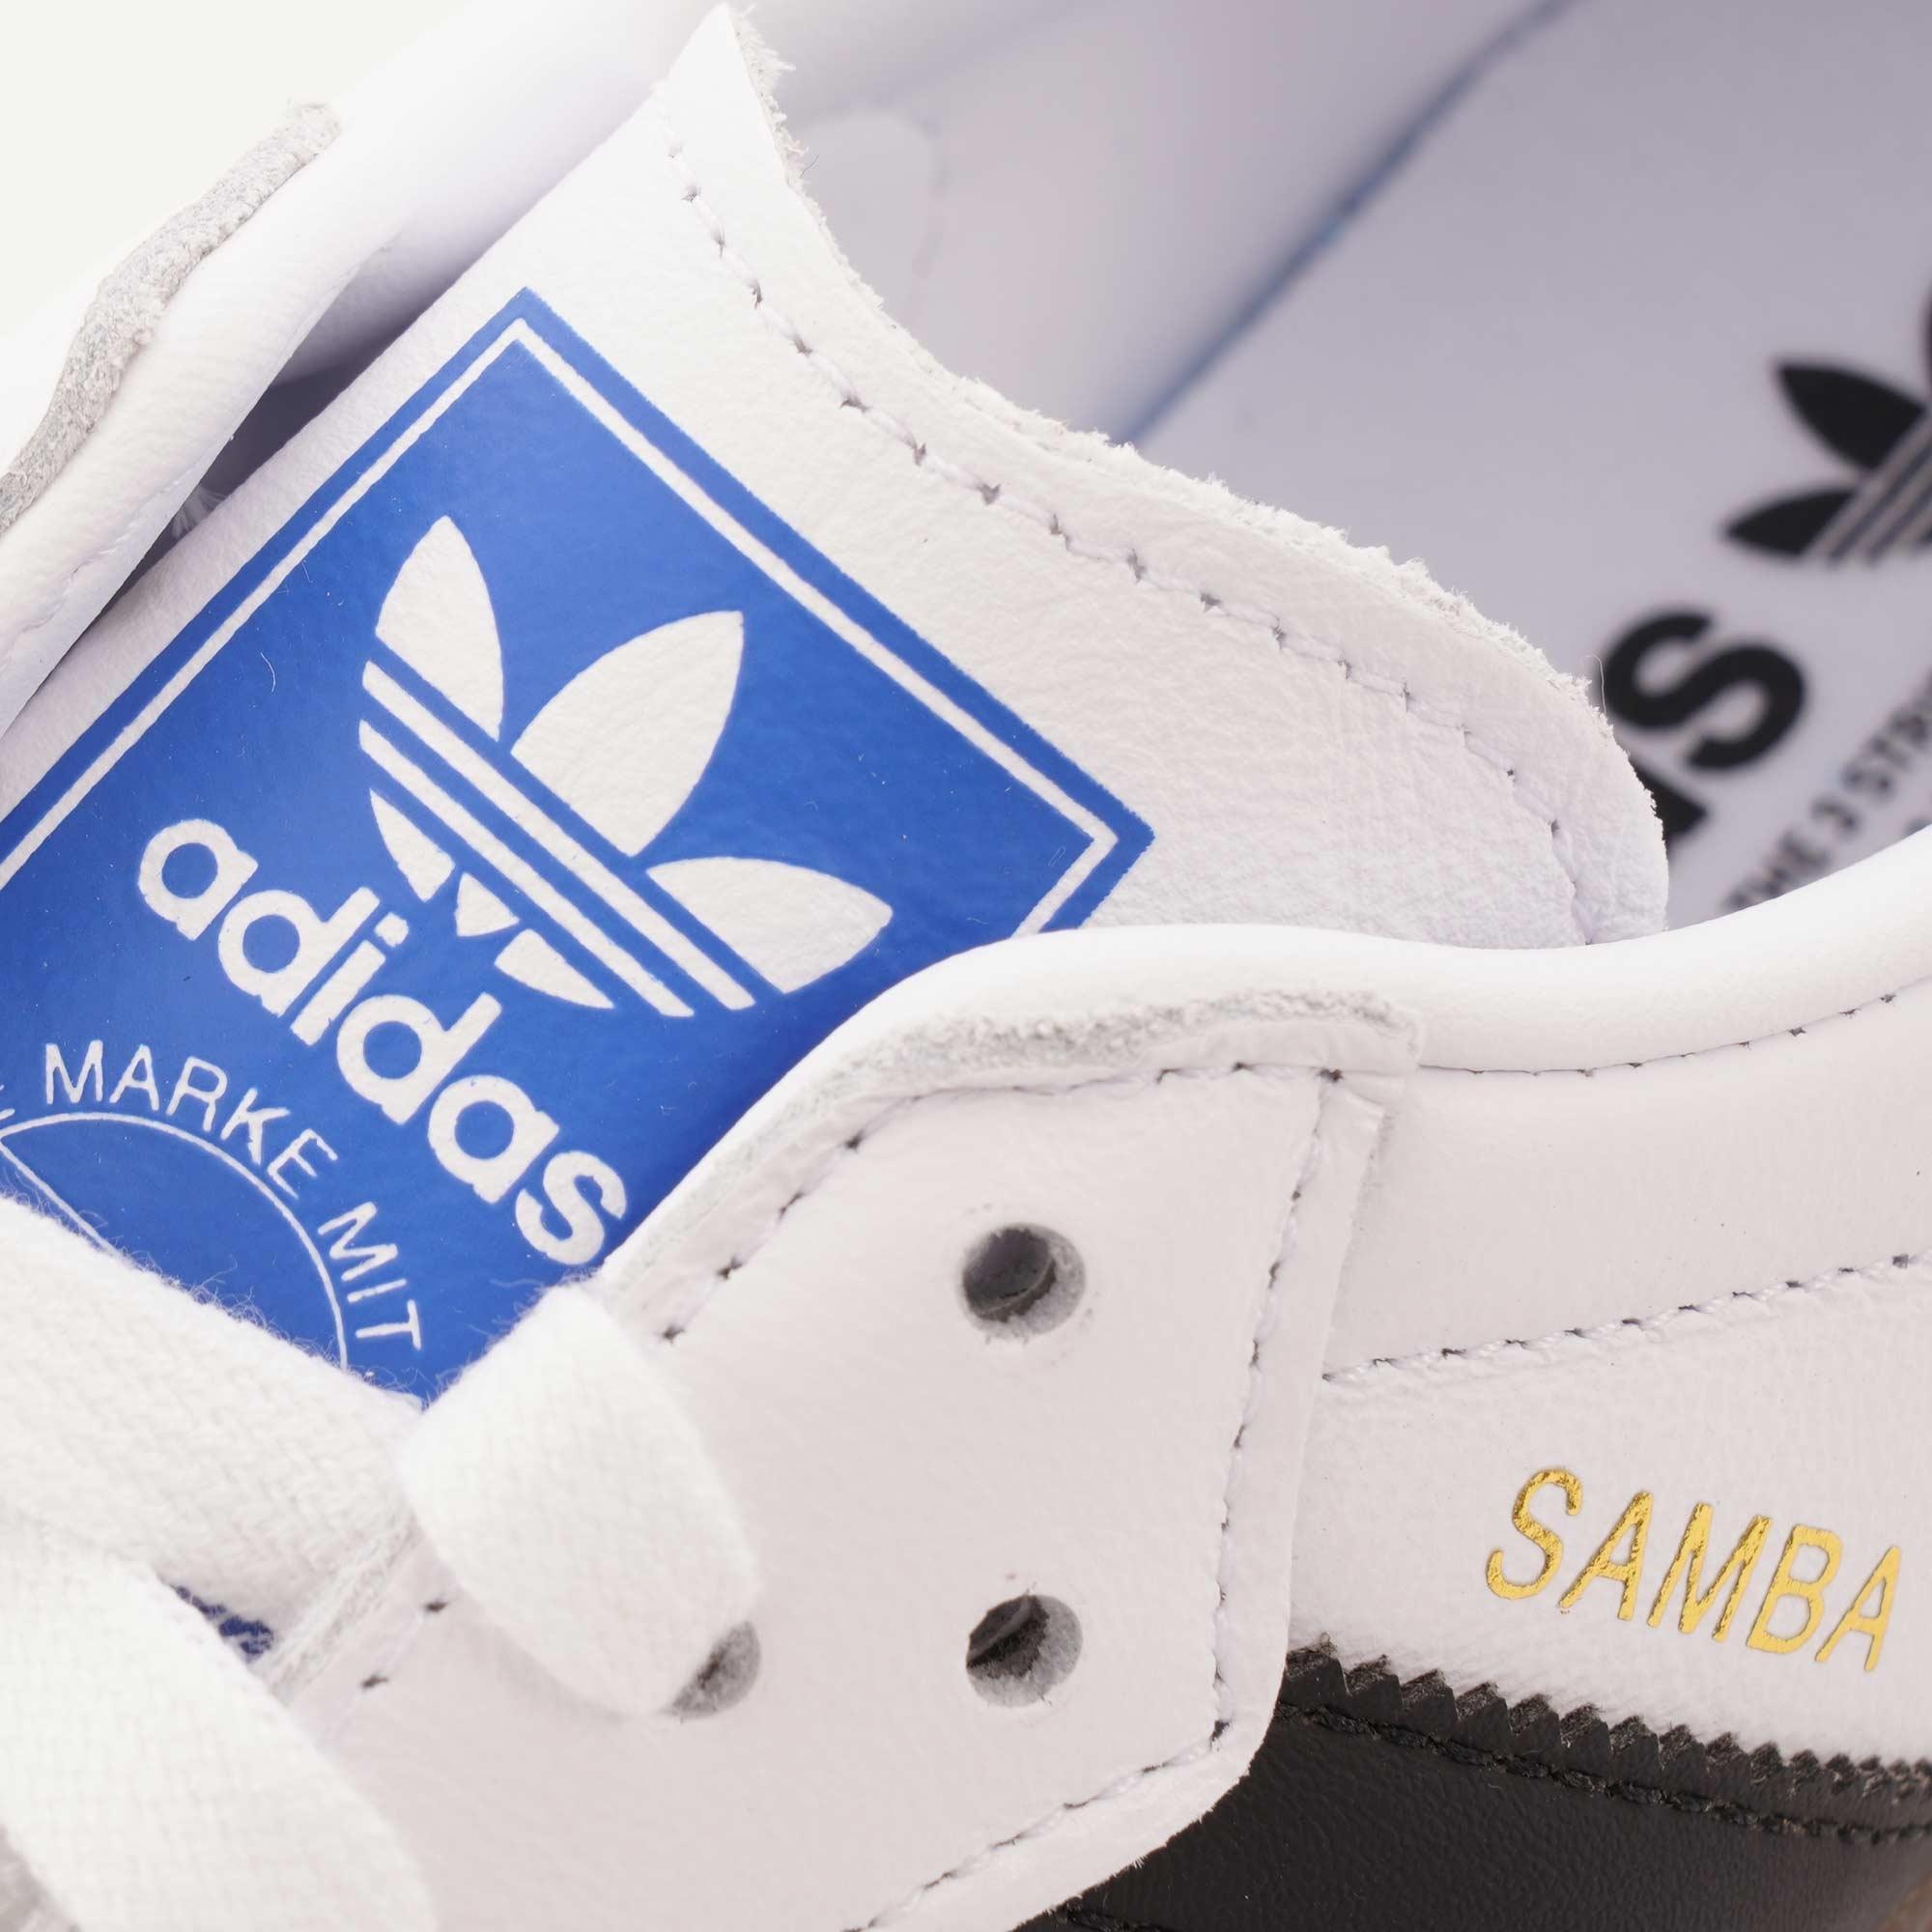 ada3a0ebdd6 Men's Samba Og